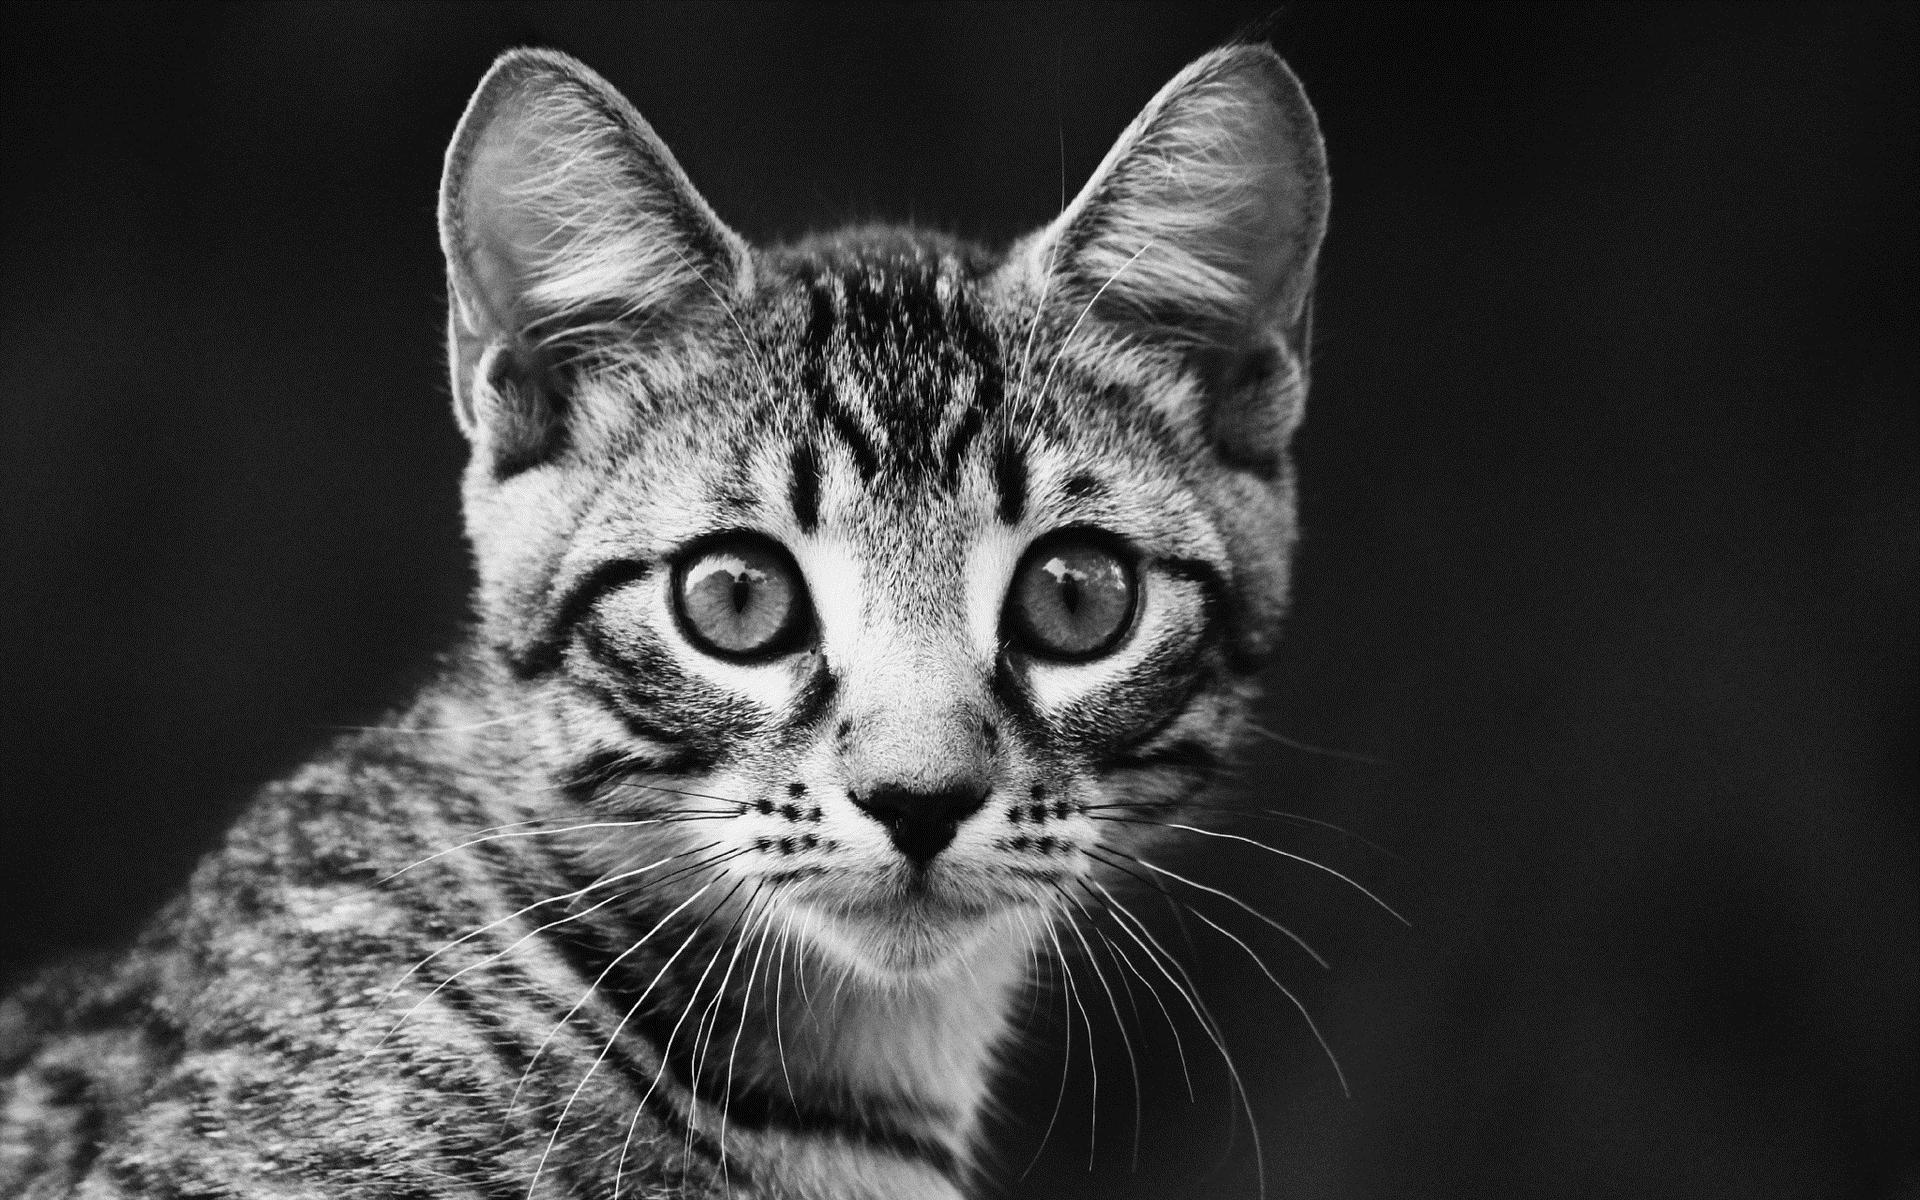 питкяранте также черно белые рисунки кошки фото наше время